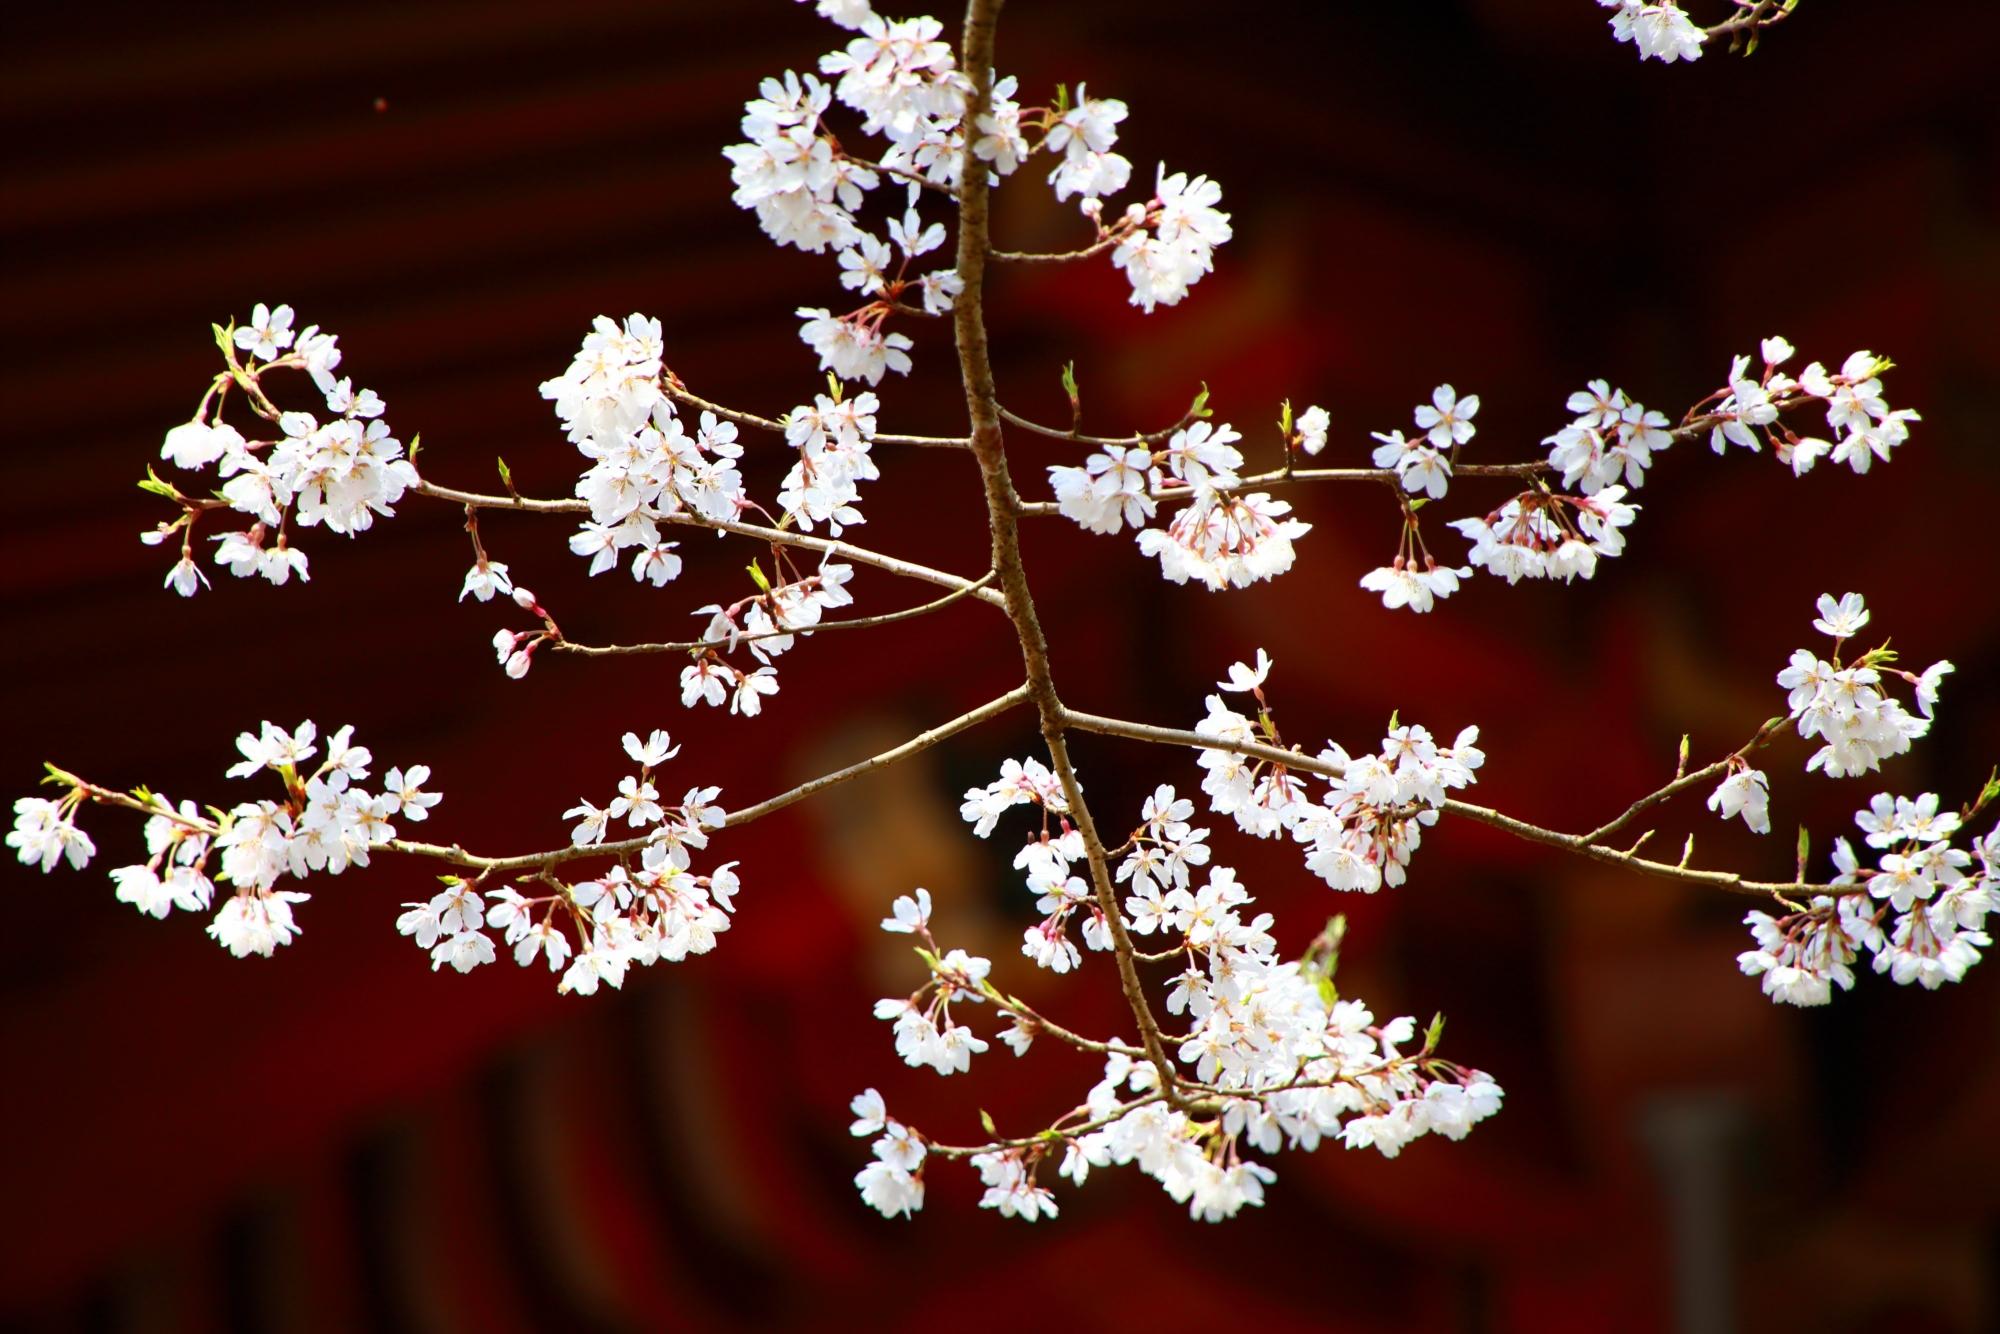 朱色の庇に映える雅な雰囲気のする桜